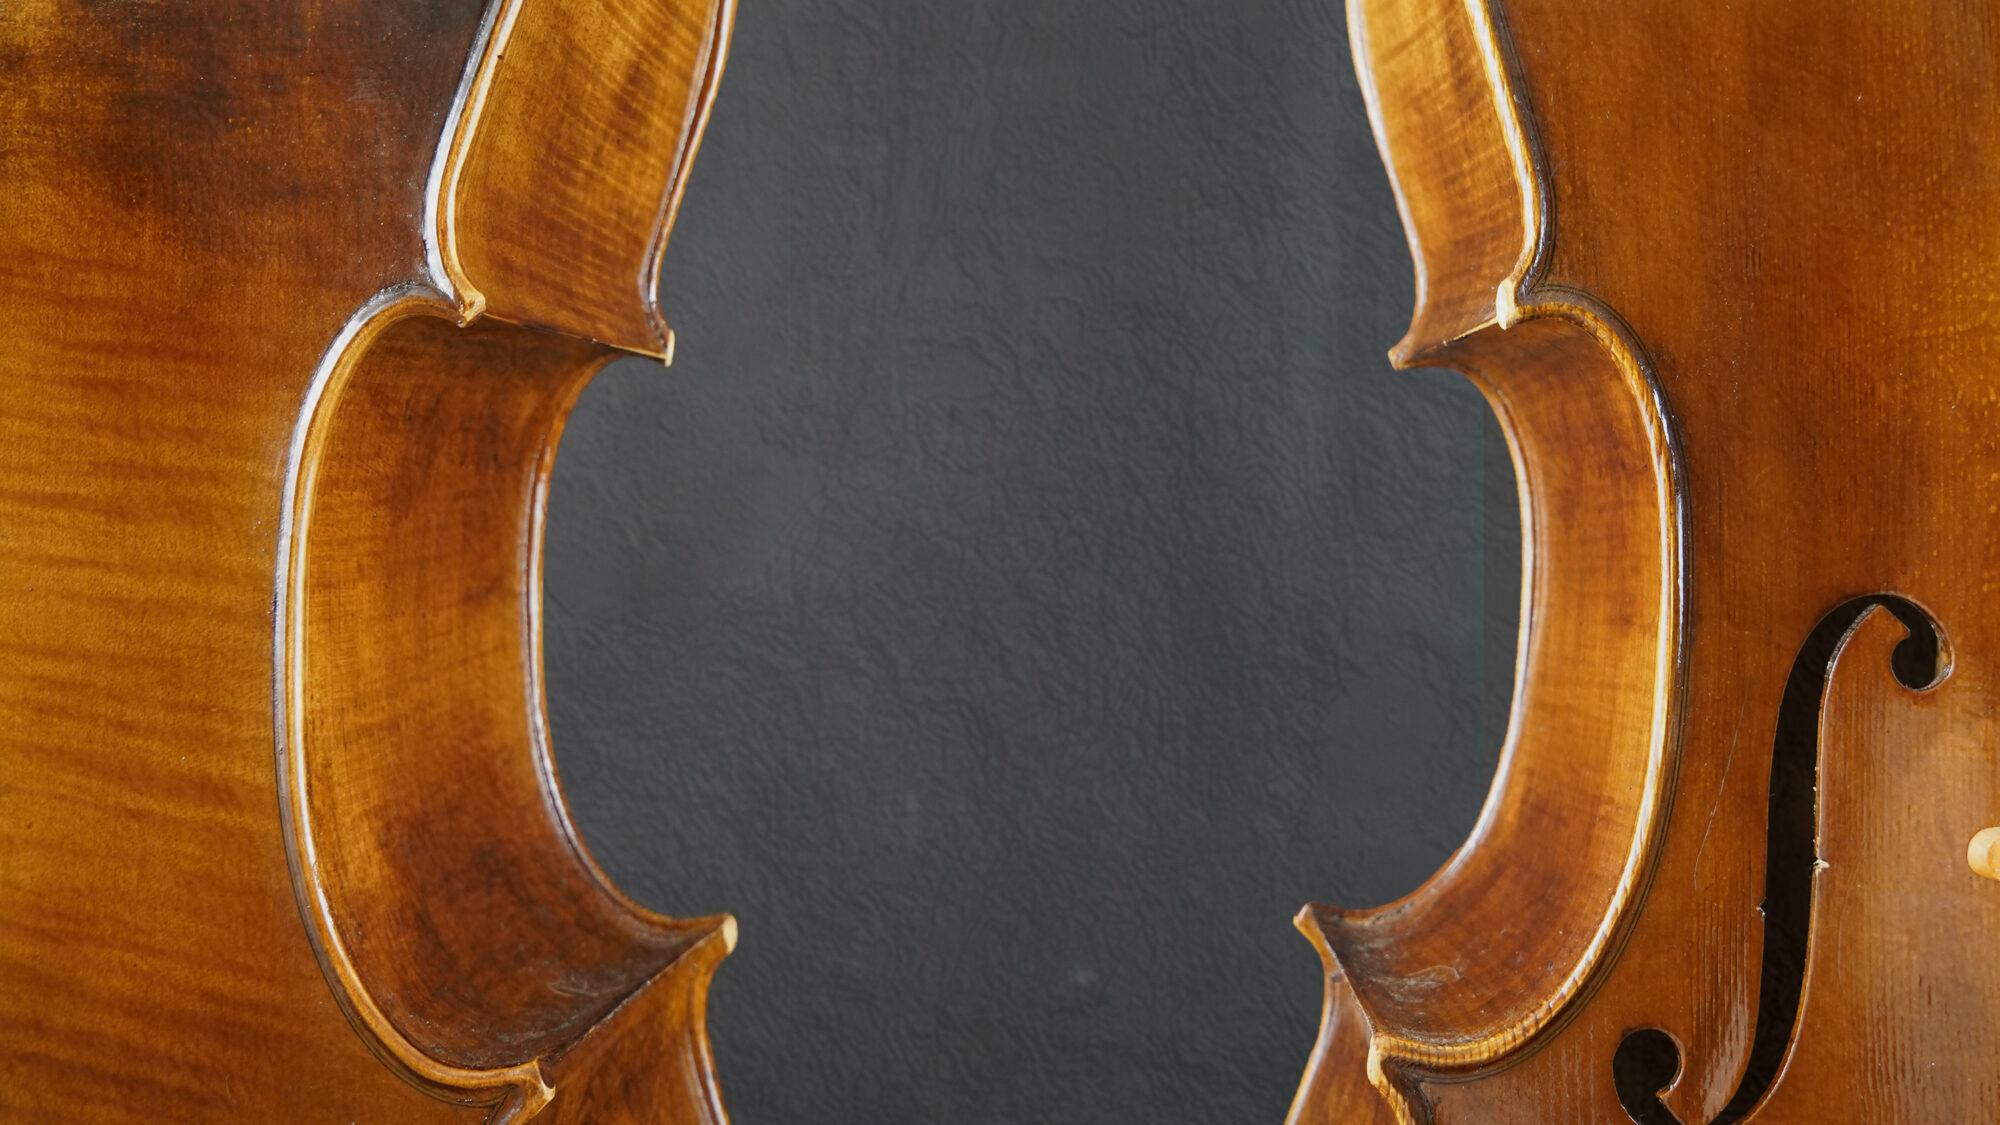 violoncello cesarini, dettagli